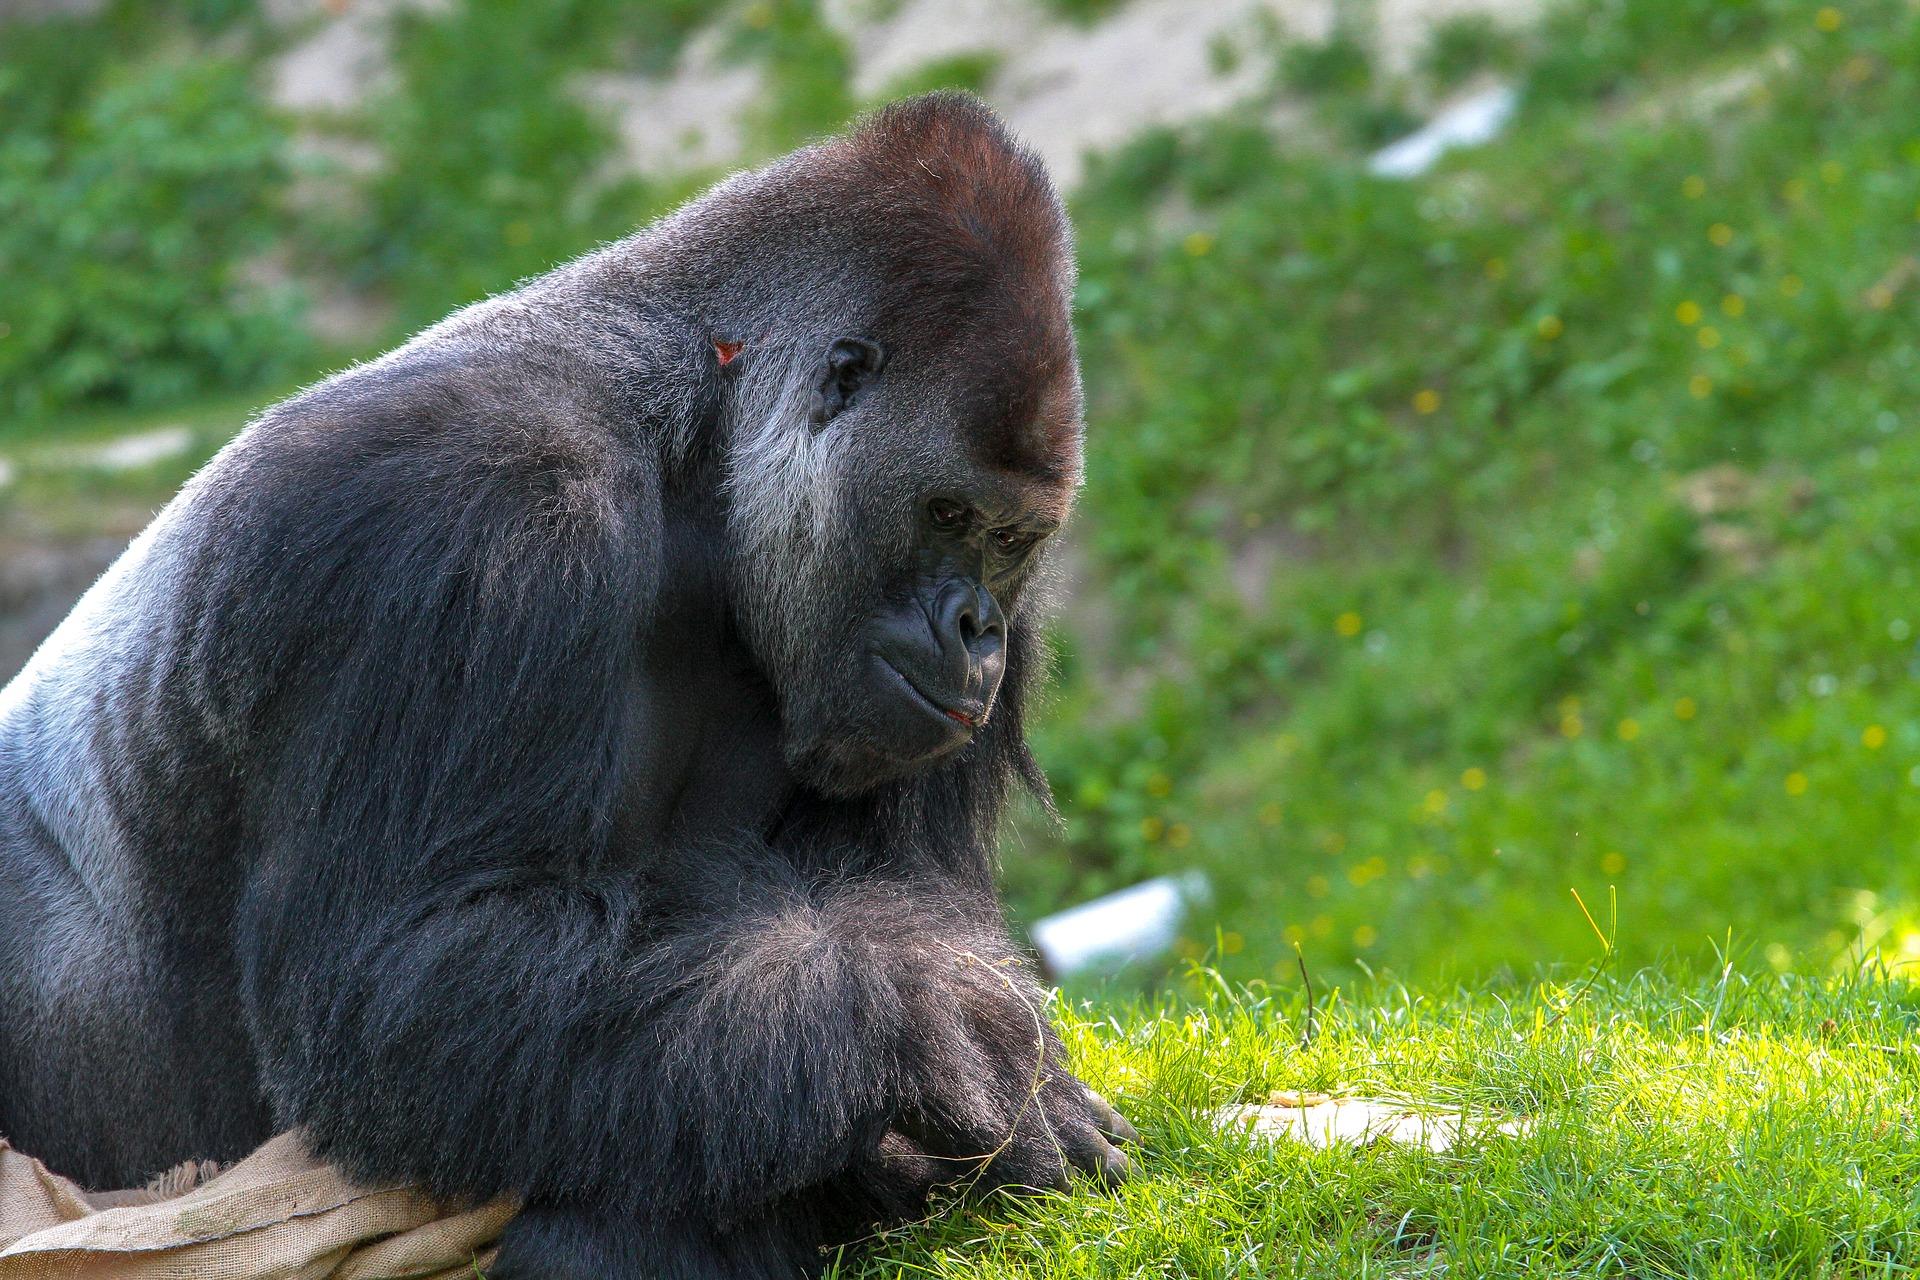 gorilla positivi a sars-cov-2